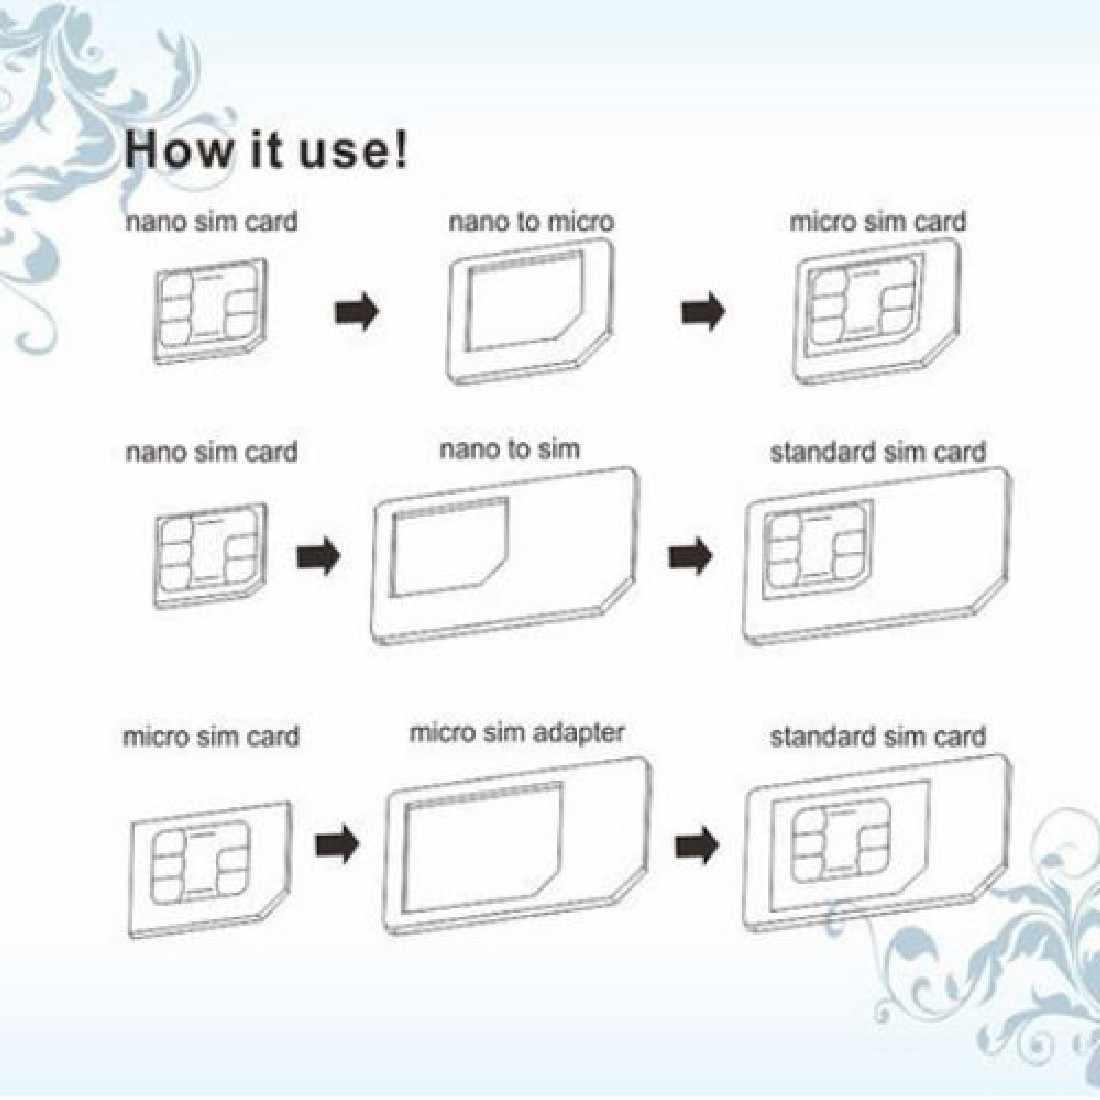 Bộ Chuyển Đổi Khay Sim 3 Trong 1 Micro Sim Adapter Với Đẩy Pin Chìa Khóa Bán Lẻ Bộ Sản Phẩm Dành Cho iPhone 5/5S/6/6S/ Samsung 70 80